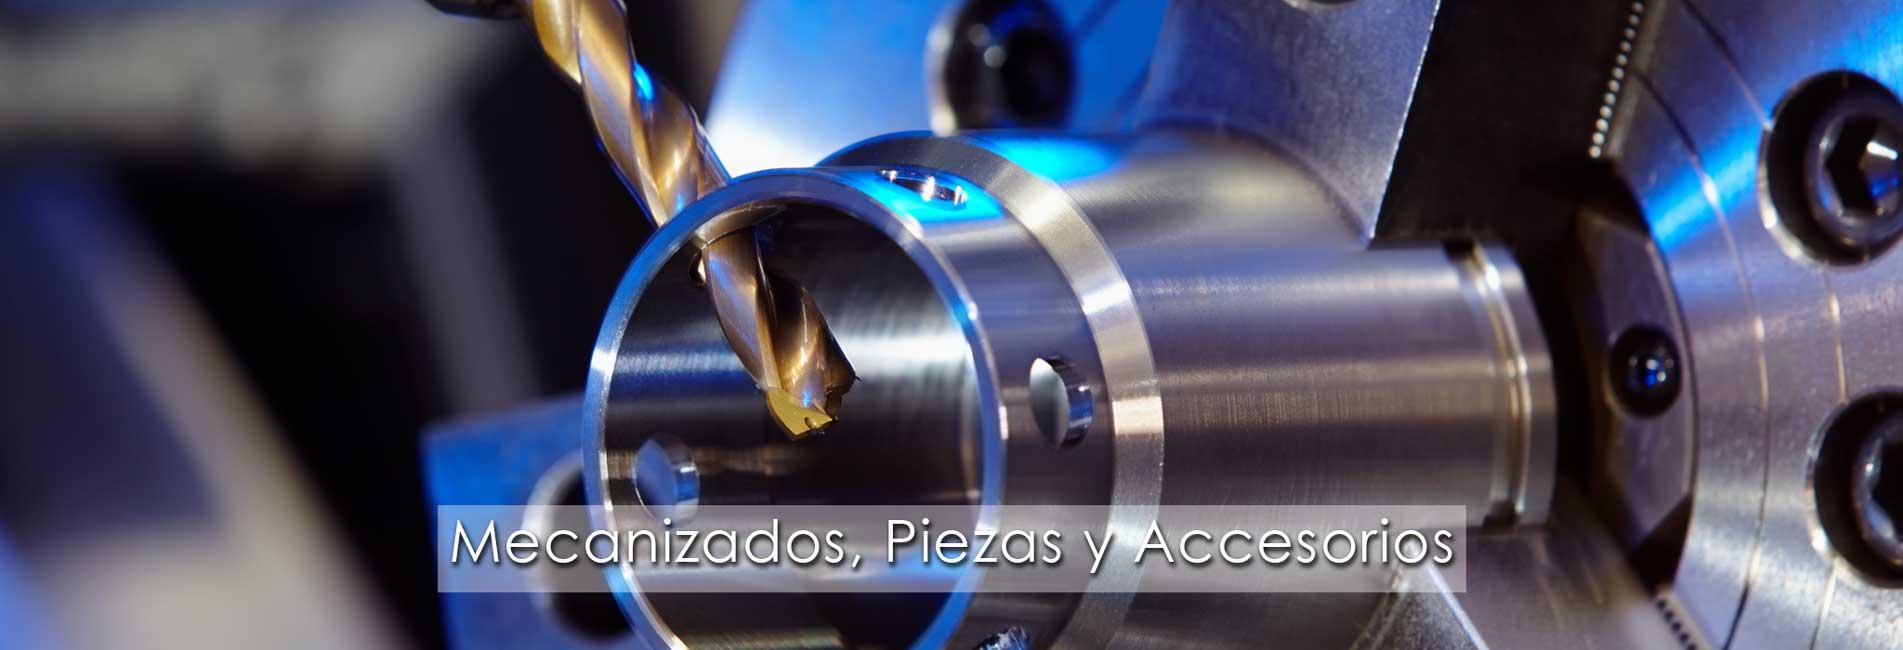 ERP Mecanizados, Piezas y Accesorios